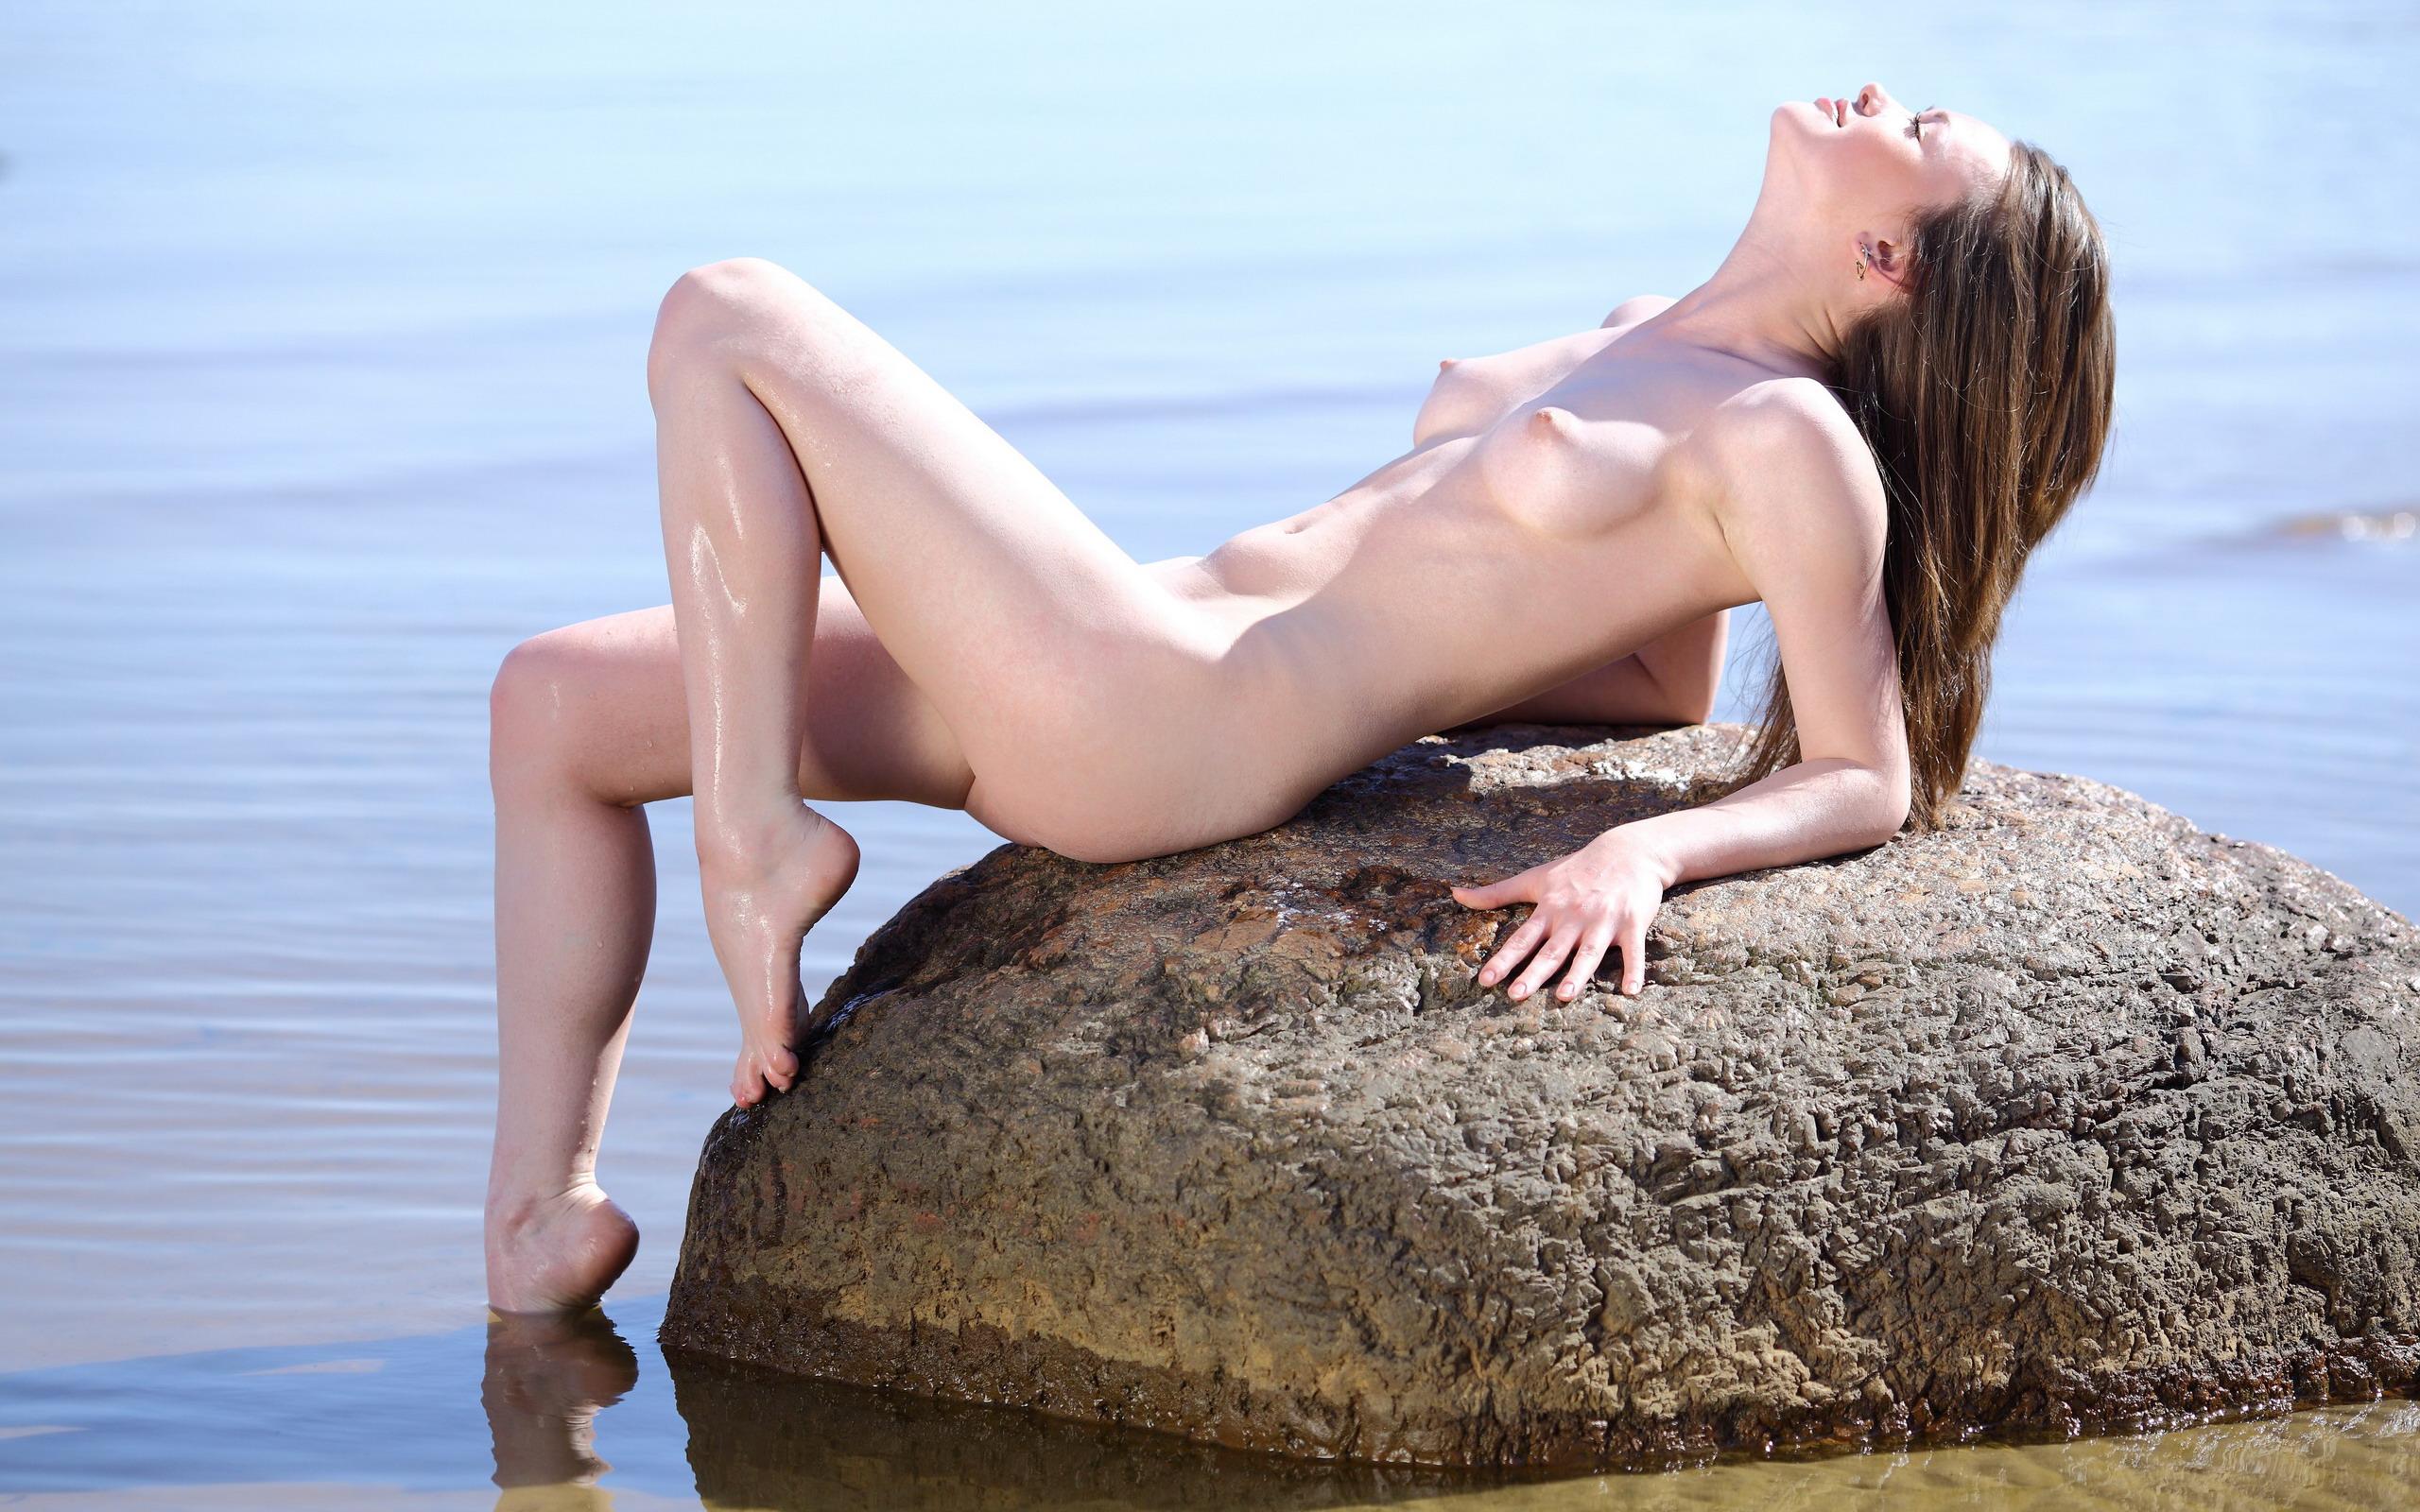 Русская дама на море 8 фотография